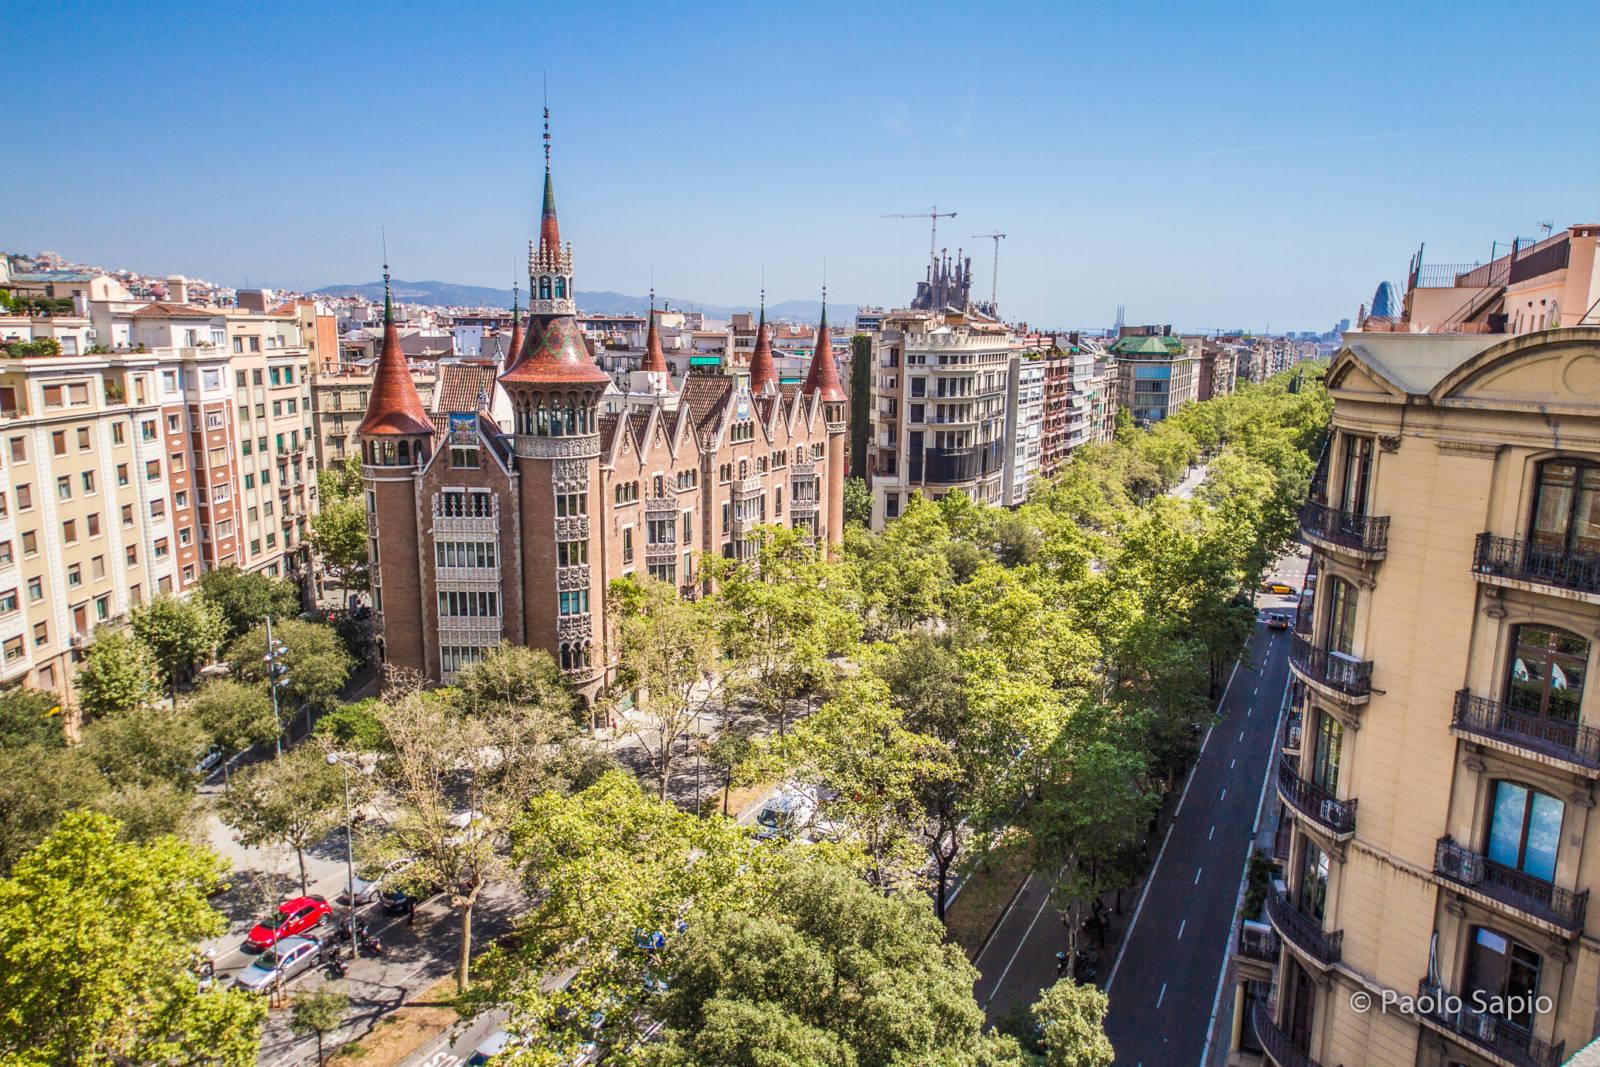 Stadtpalast im Eixample, Barcelona: La Casa de les Punxes